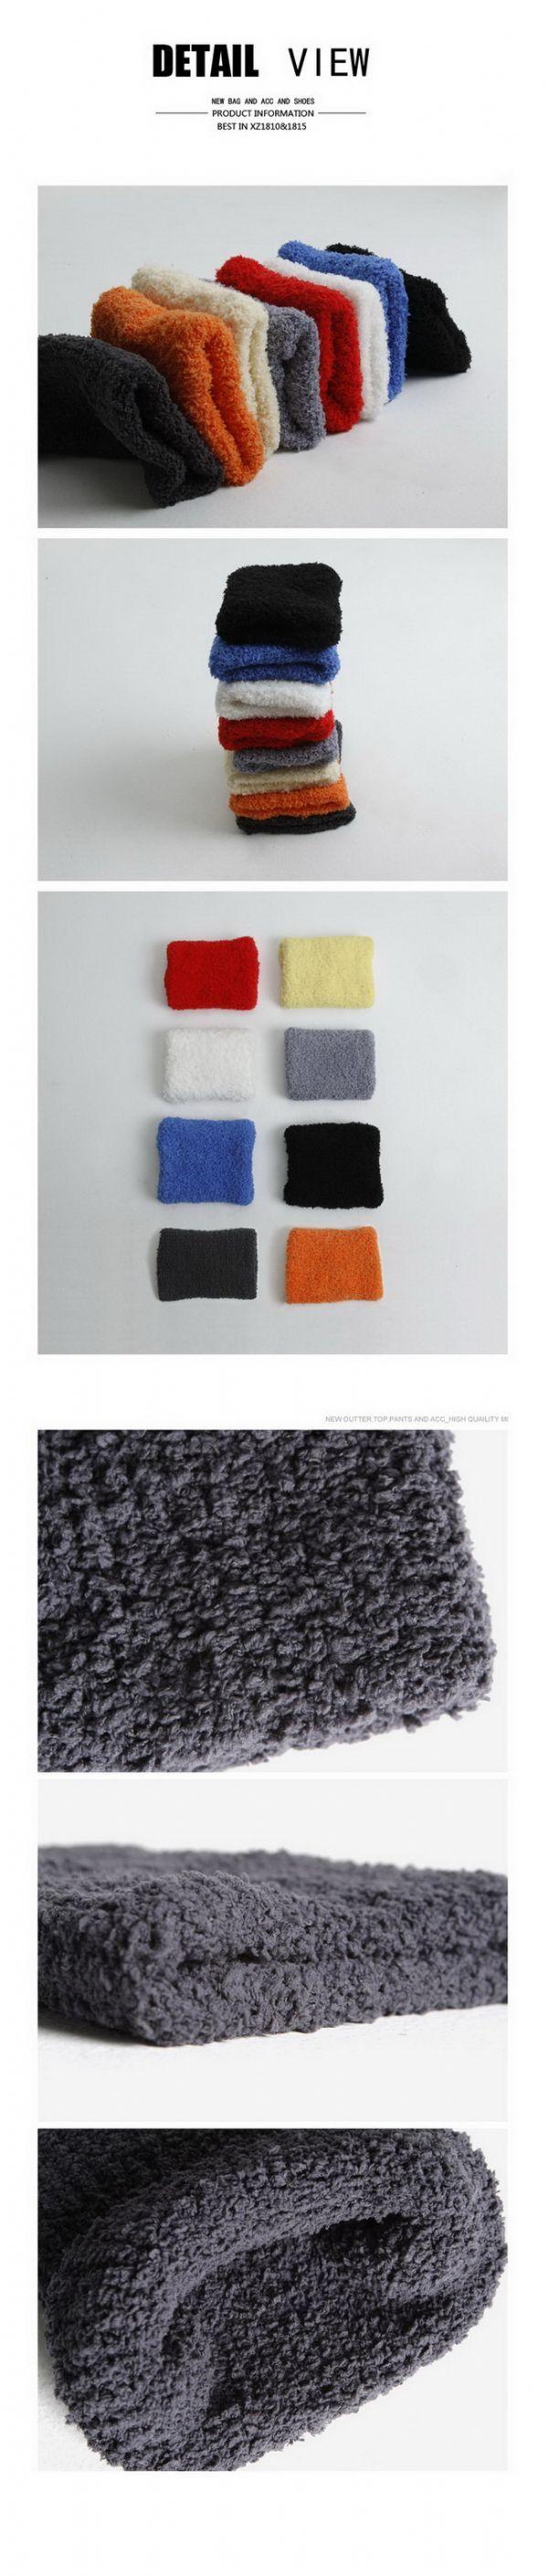 เสื้อกันหนาวผู้ชายพร้อมส่ง : ผ้าพันคอเนกประสงค์สารพัดประโยชน์